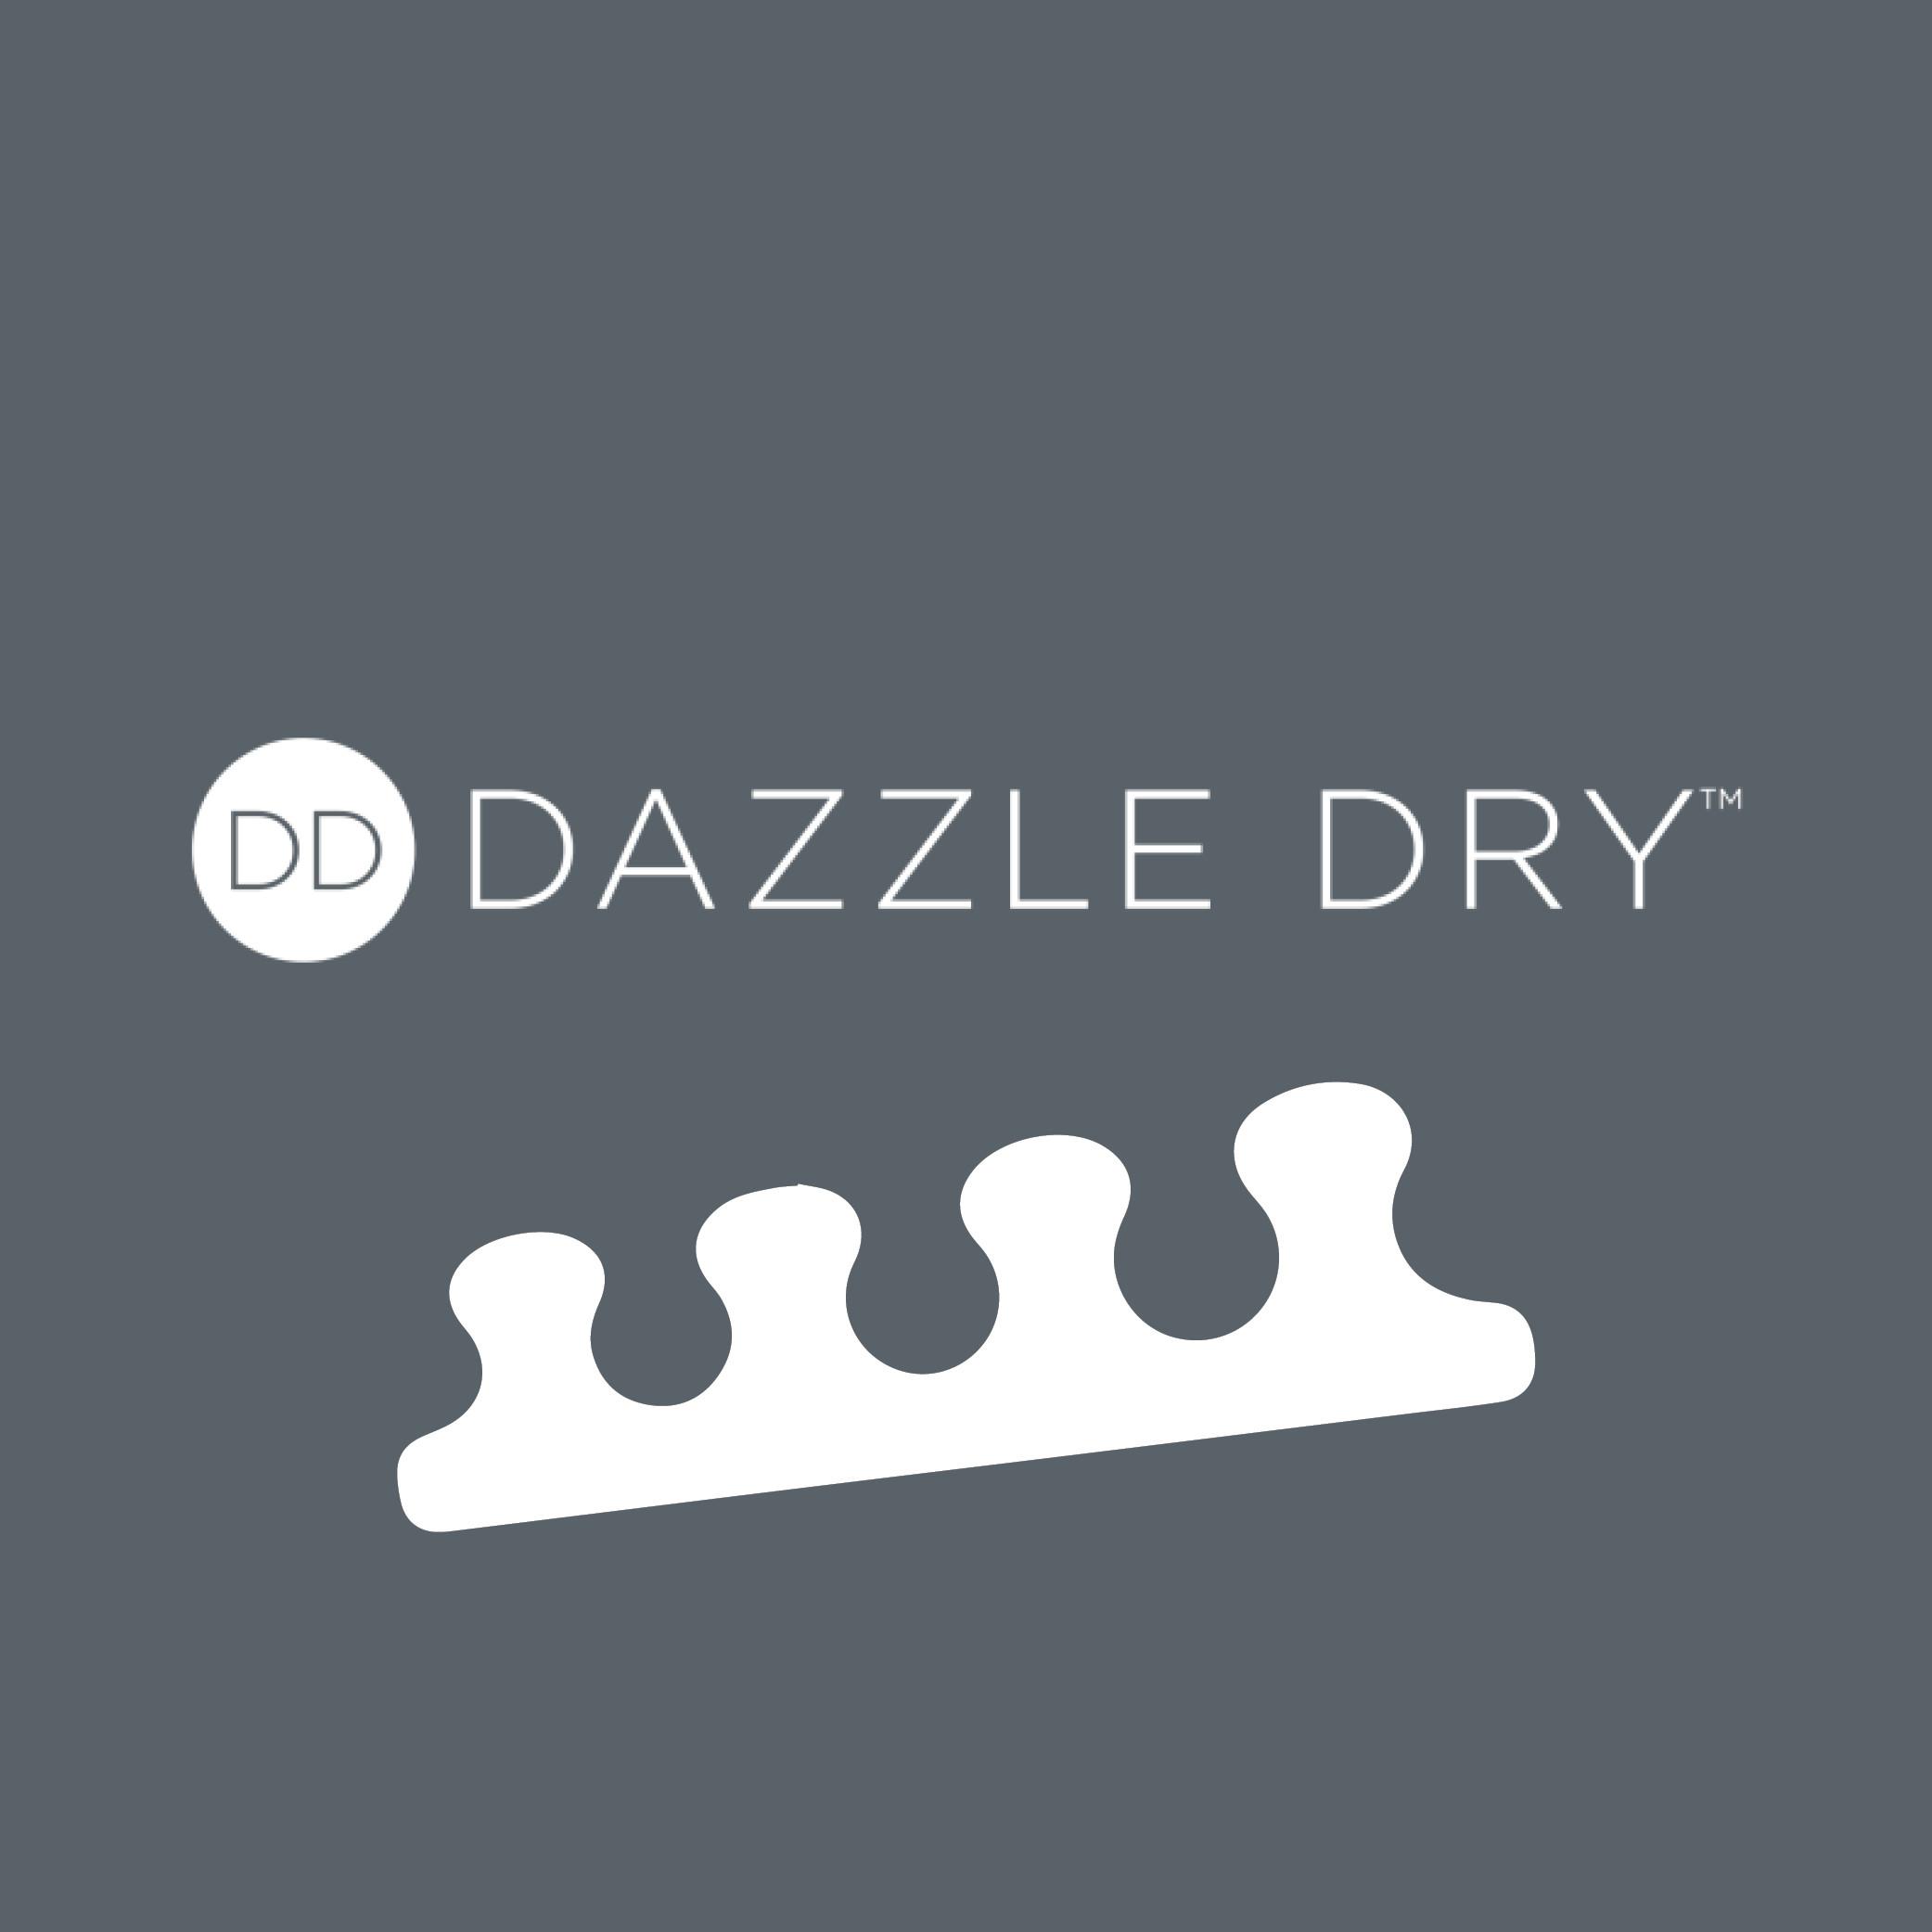 DAZZLE DRY PEDICURE